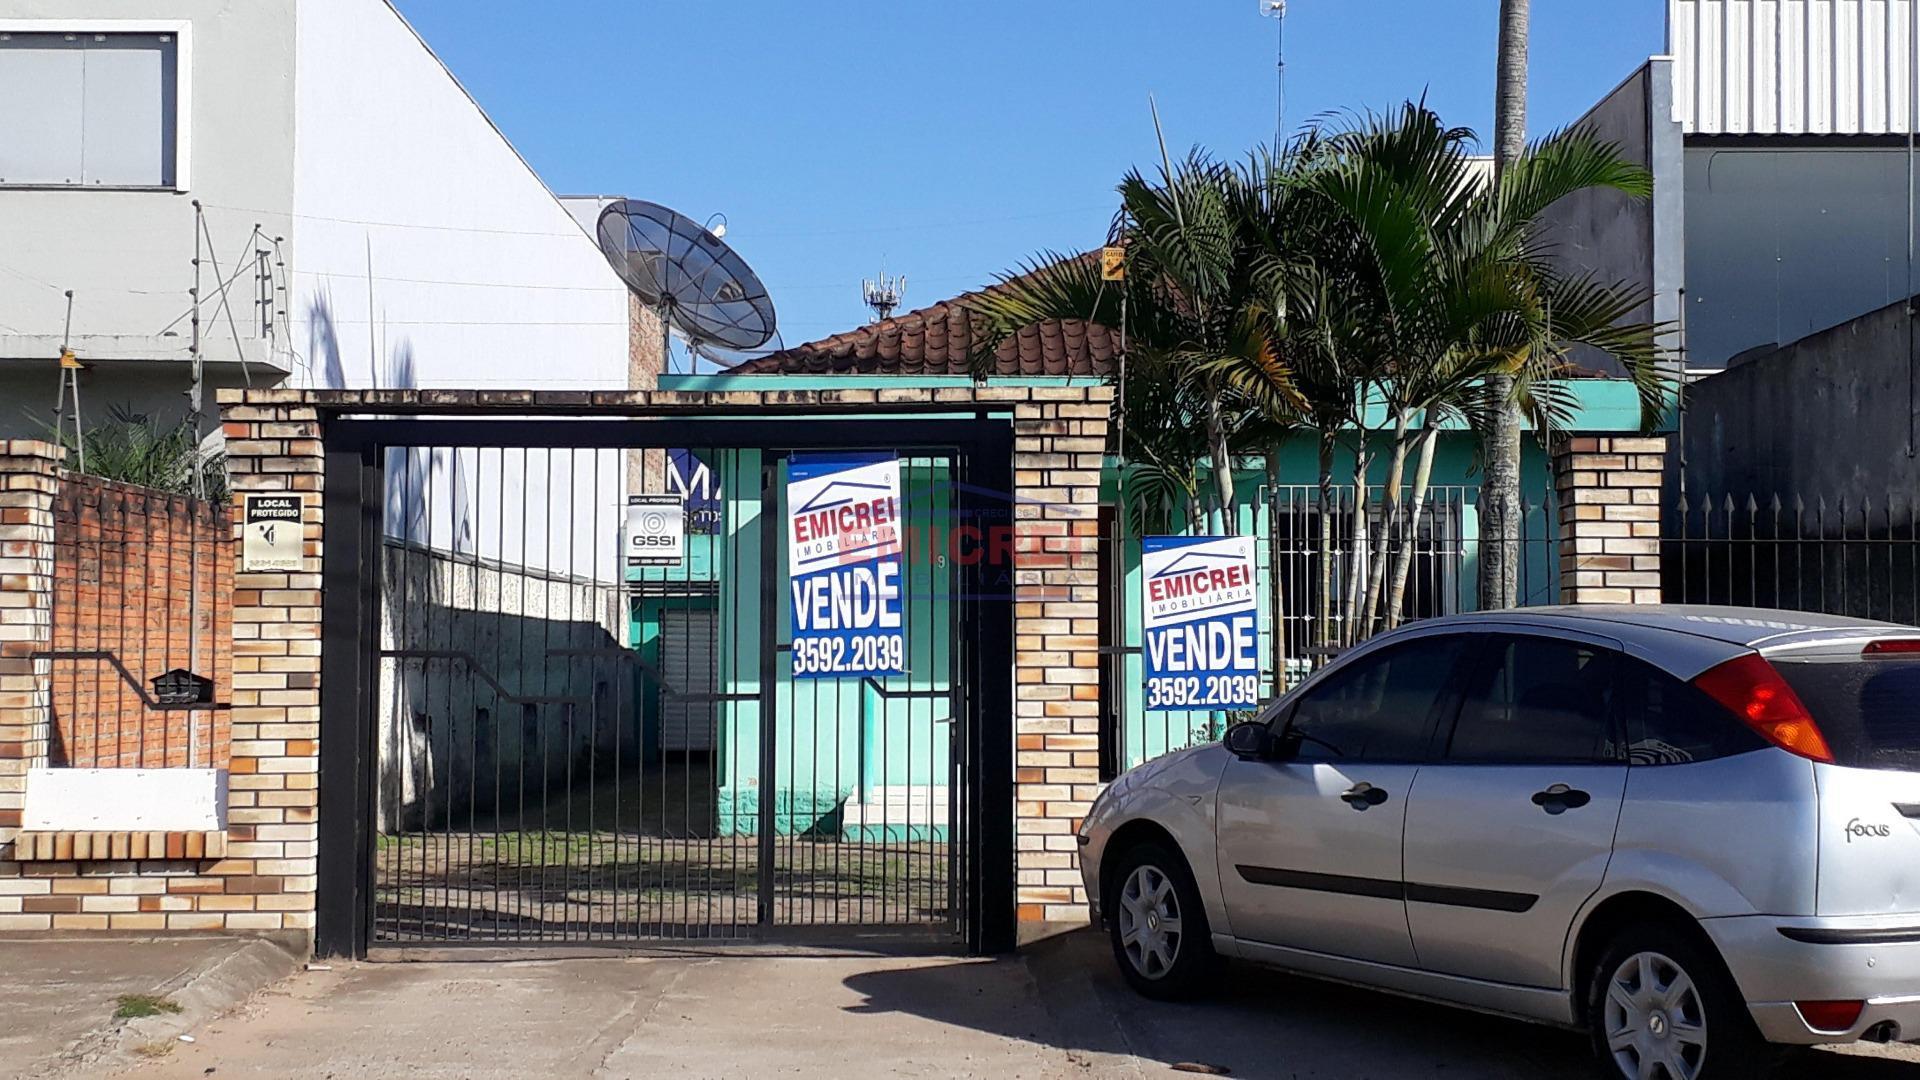 Casa Comercial / Residencial, 4 dormitórios, garagem, terreno fechado, BR 116, Scharlau, São Leopoldo